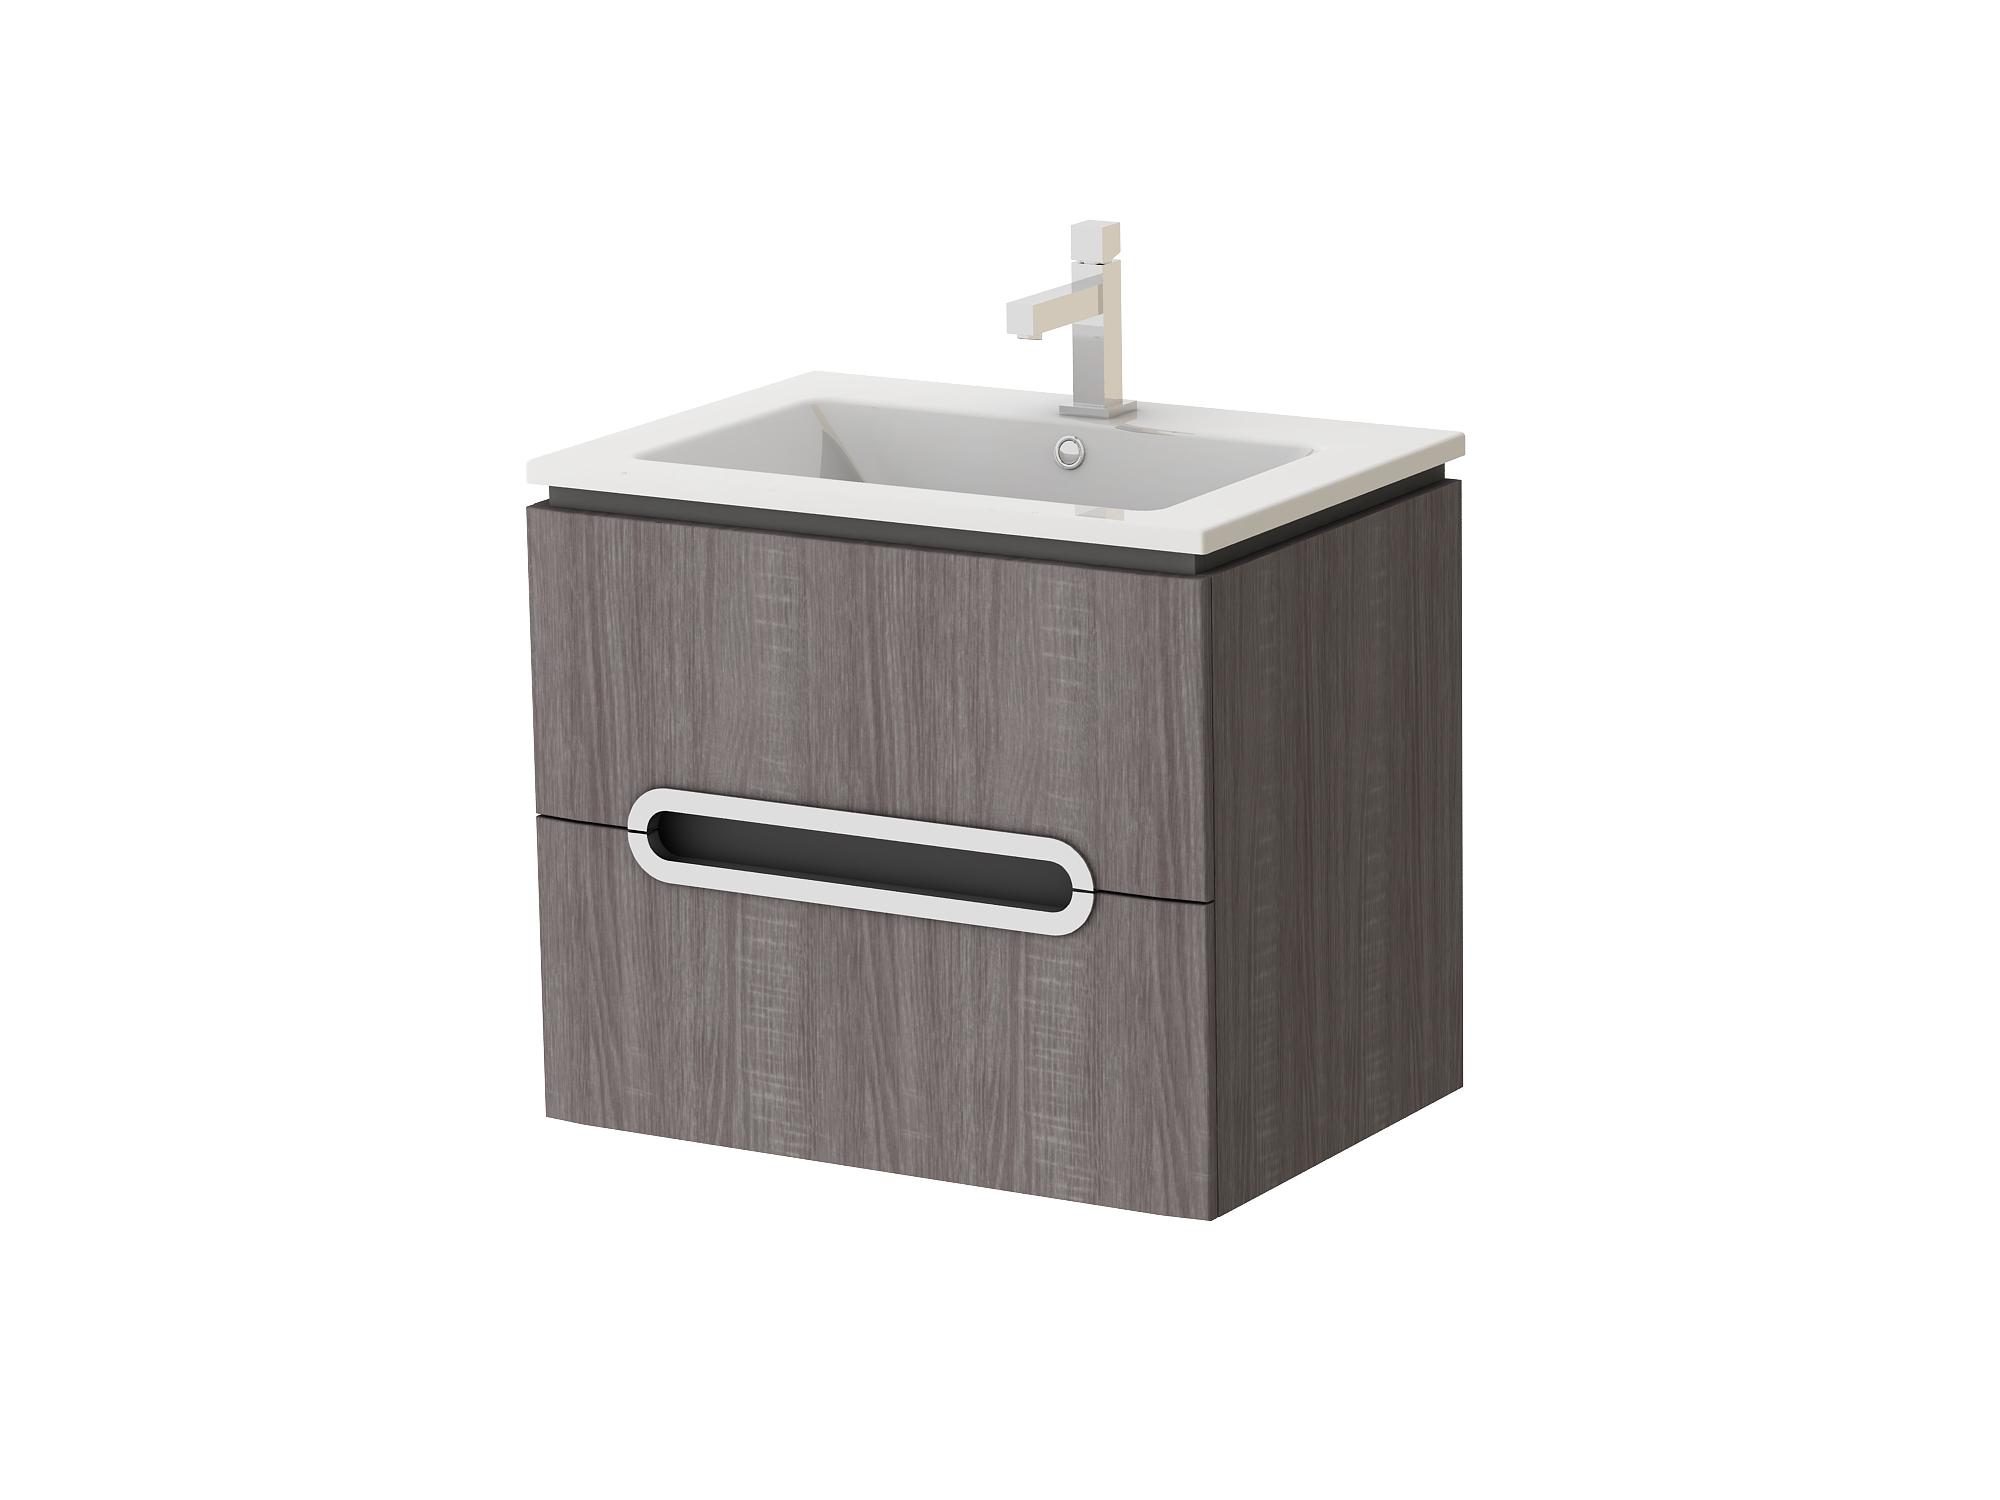 Koupelnová skříňka na stěnu s umyvadlem - Juventa - Prato - Pr-65 TR